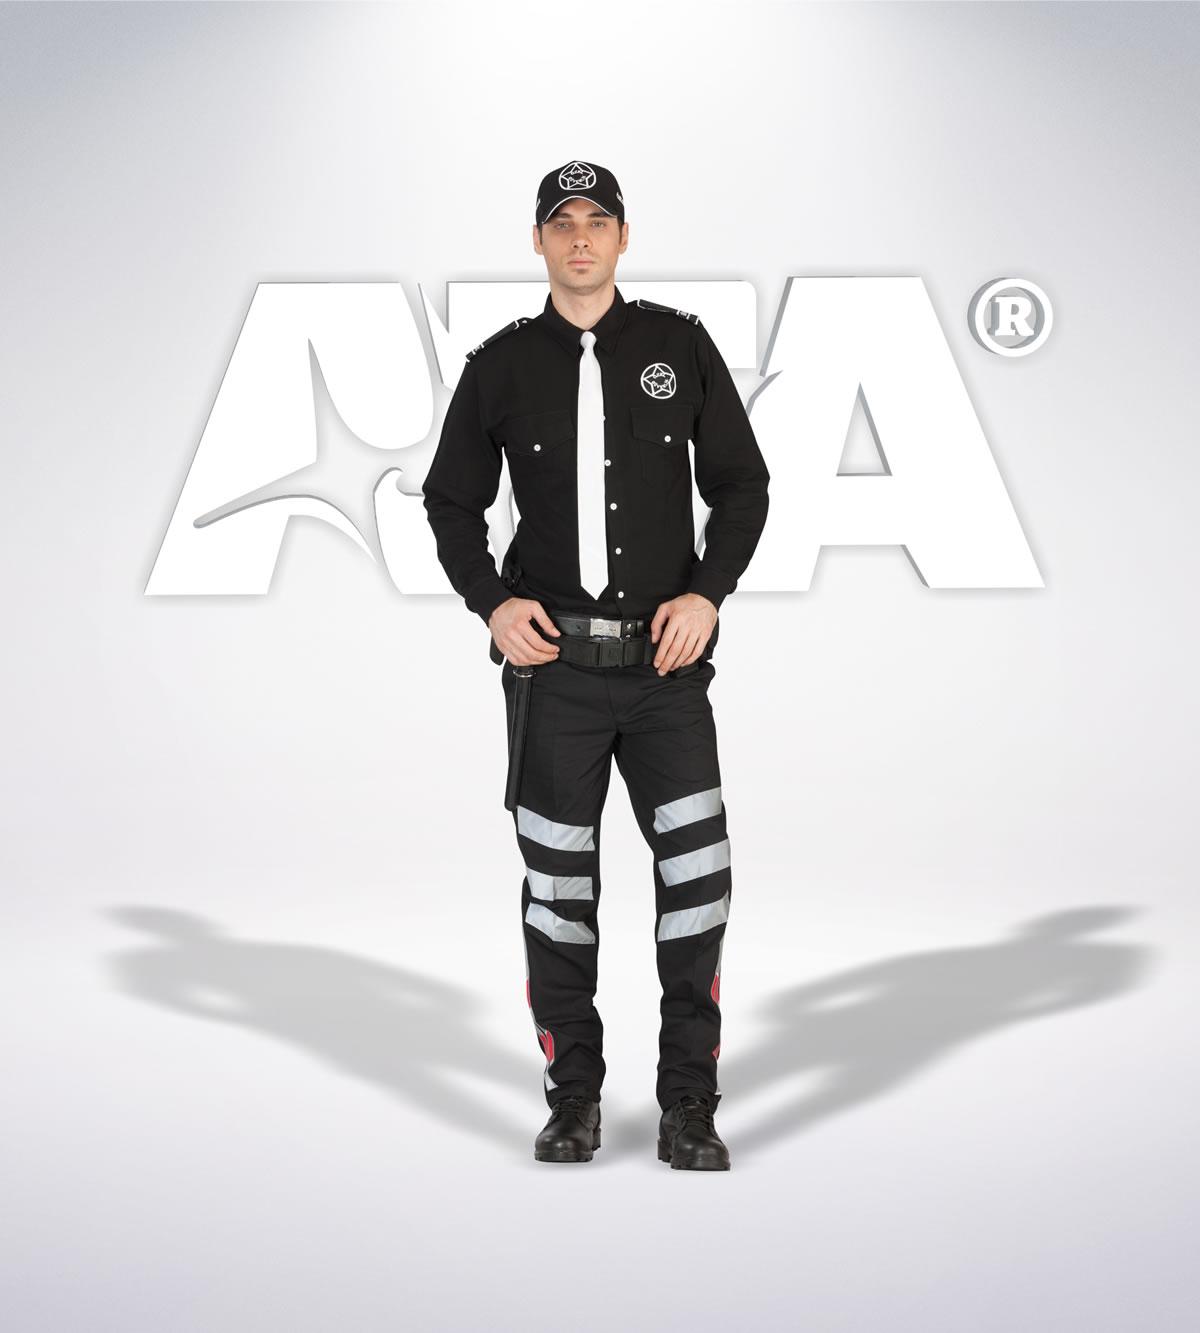 ATA 144 - Ribstop kumaş pantolon - ribstop gömlek - aksesuar -reflektör - güvenlik elbiseleri | güvenlik üniformaları | güvenlik kıyafetleri